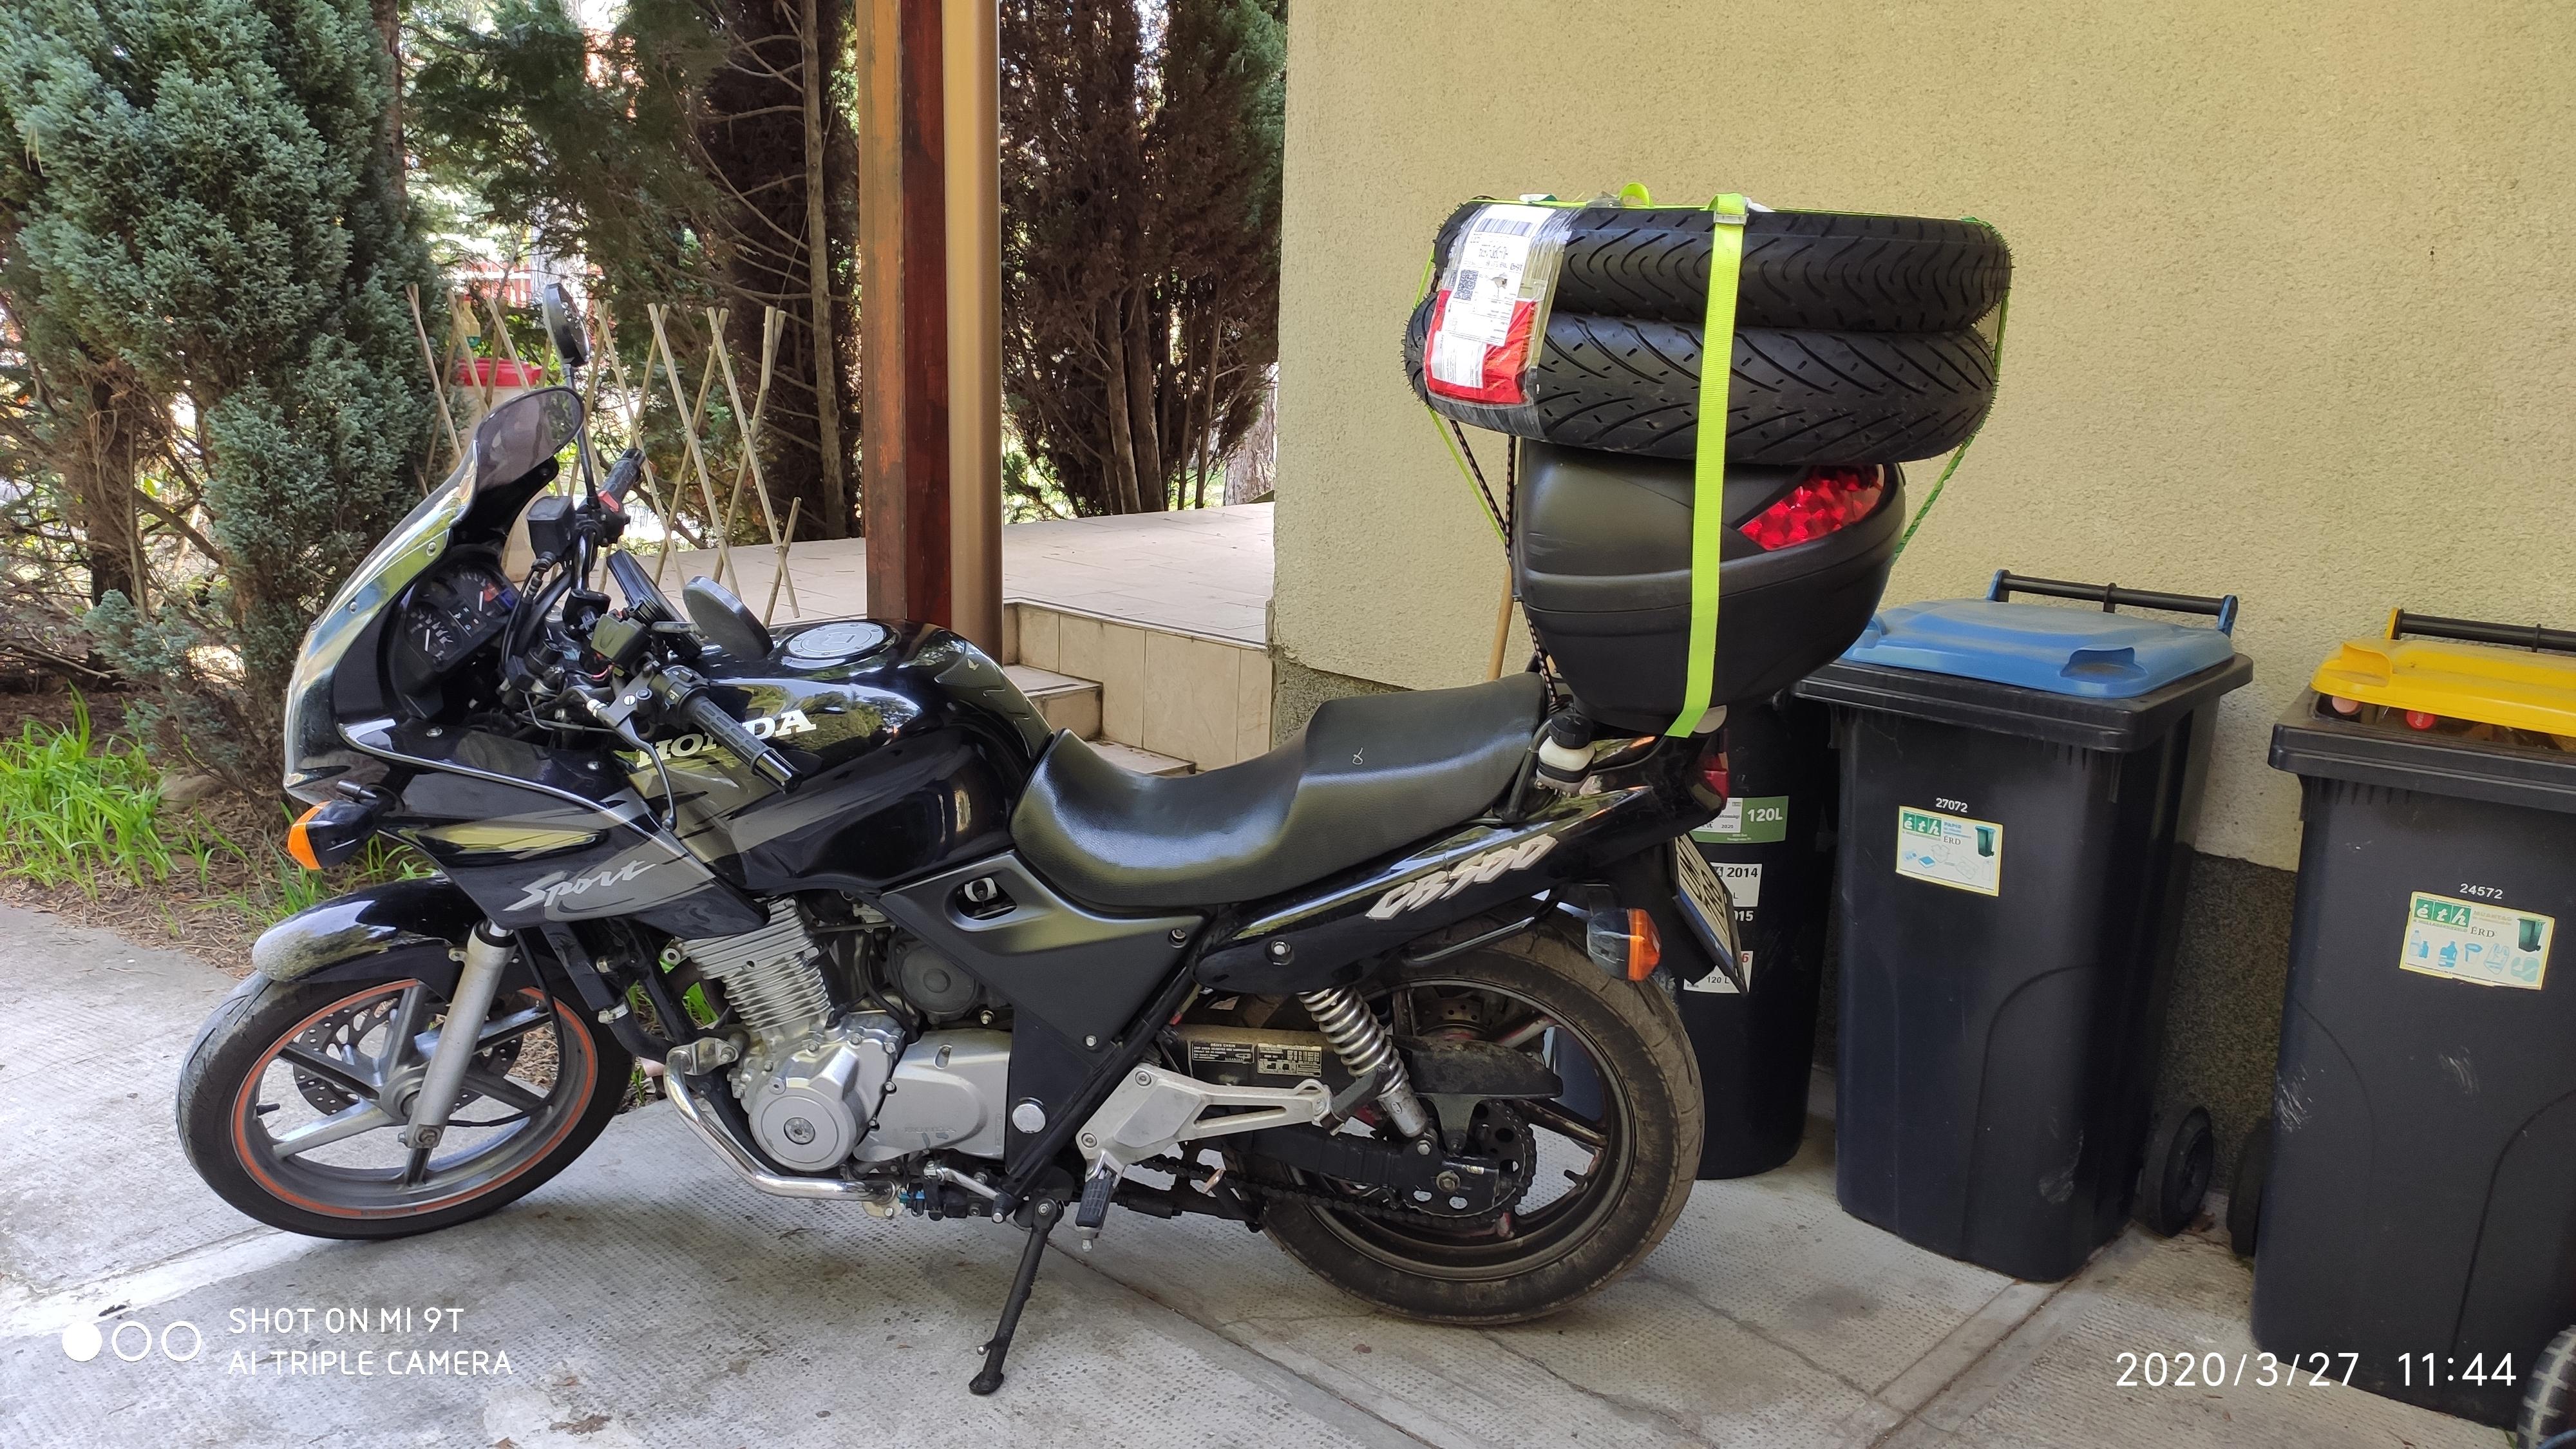 Honda is előkerült, de nem indult, lemerült az akksi. Utánfutóval elvitték a szervizbe.